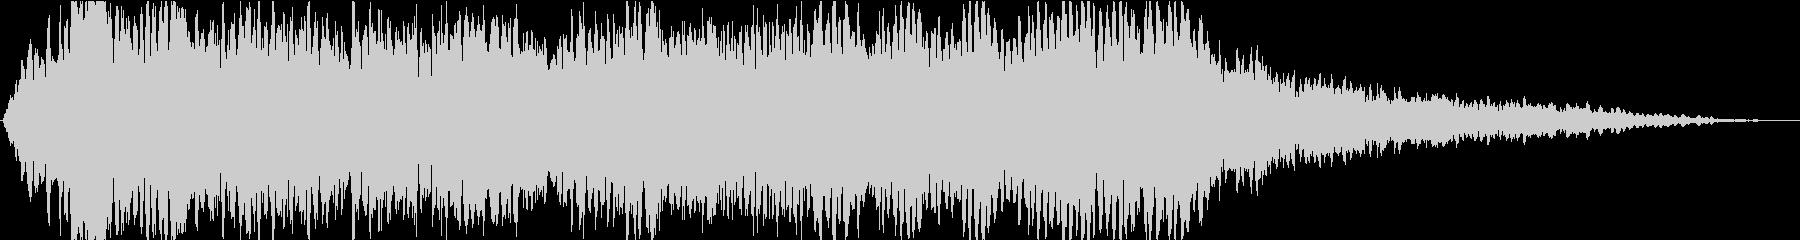 ドローン クレイジーエレファント03の未再生の波形